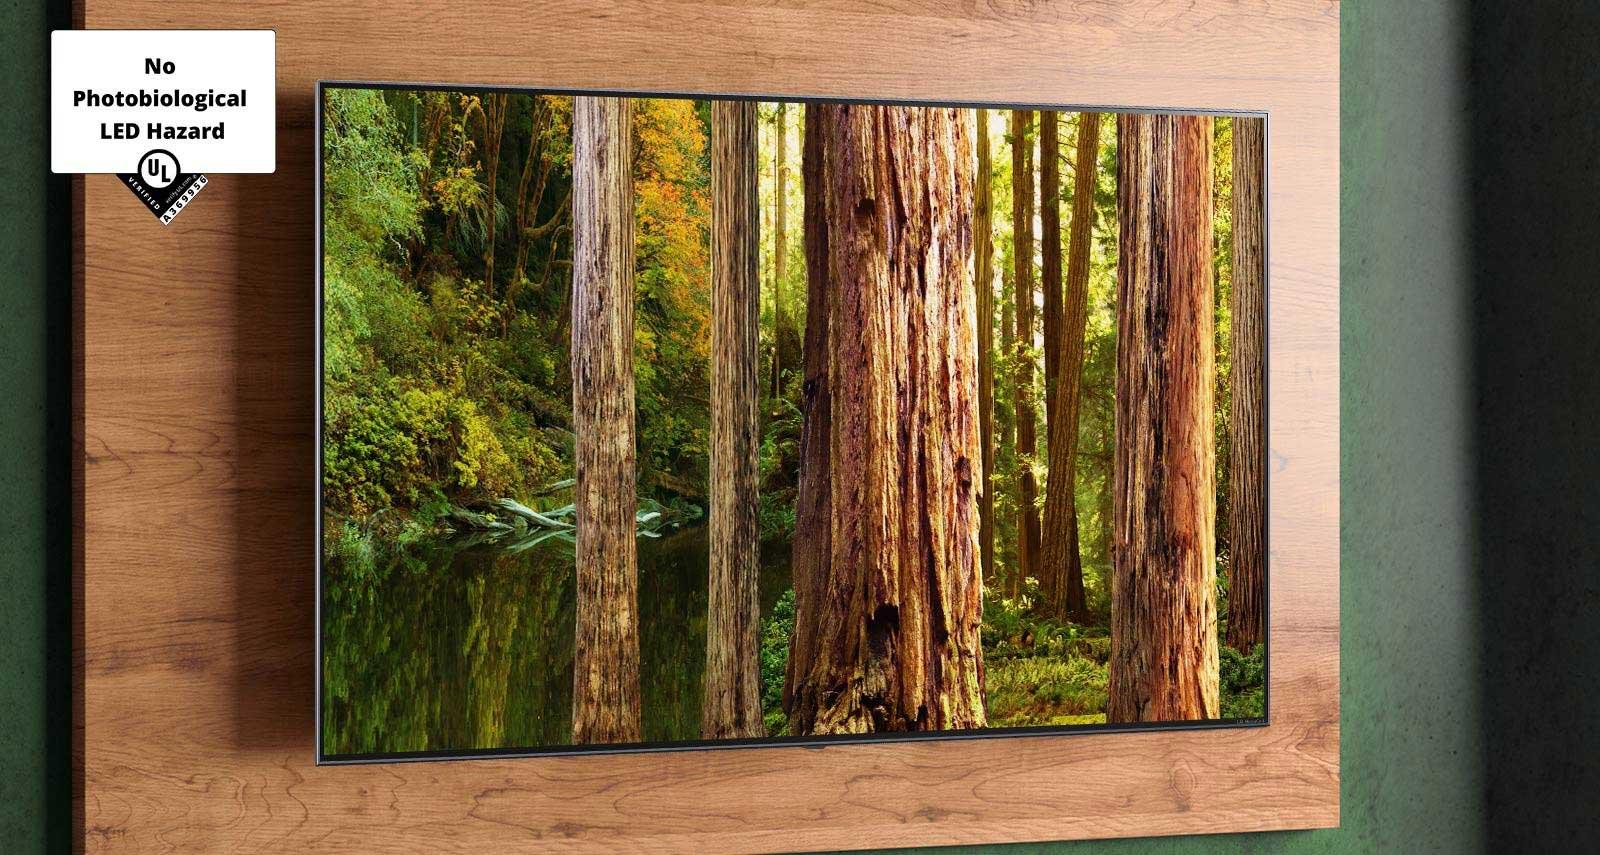 Egy erdő képe a TV képernyőjén